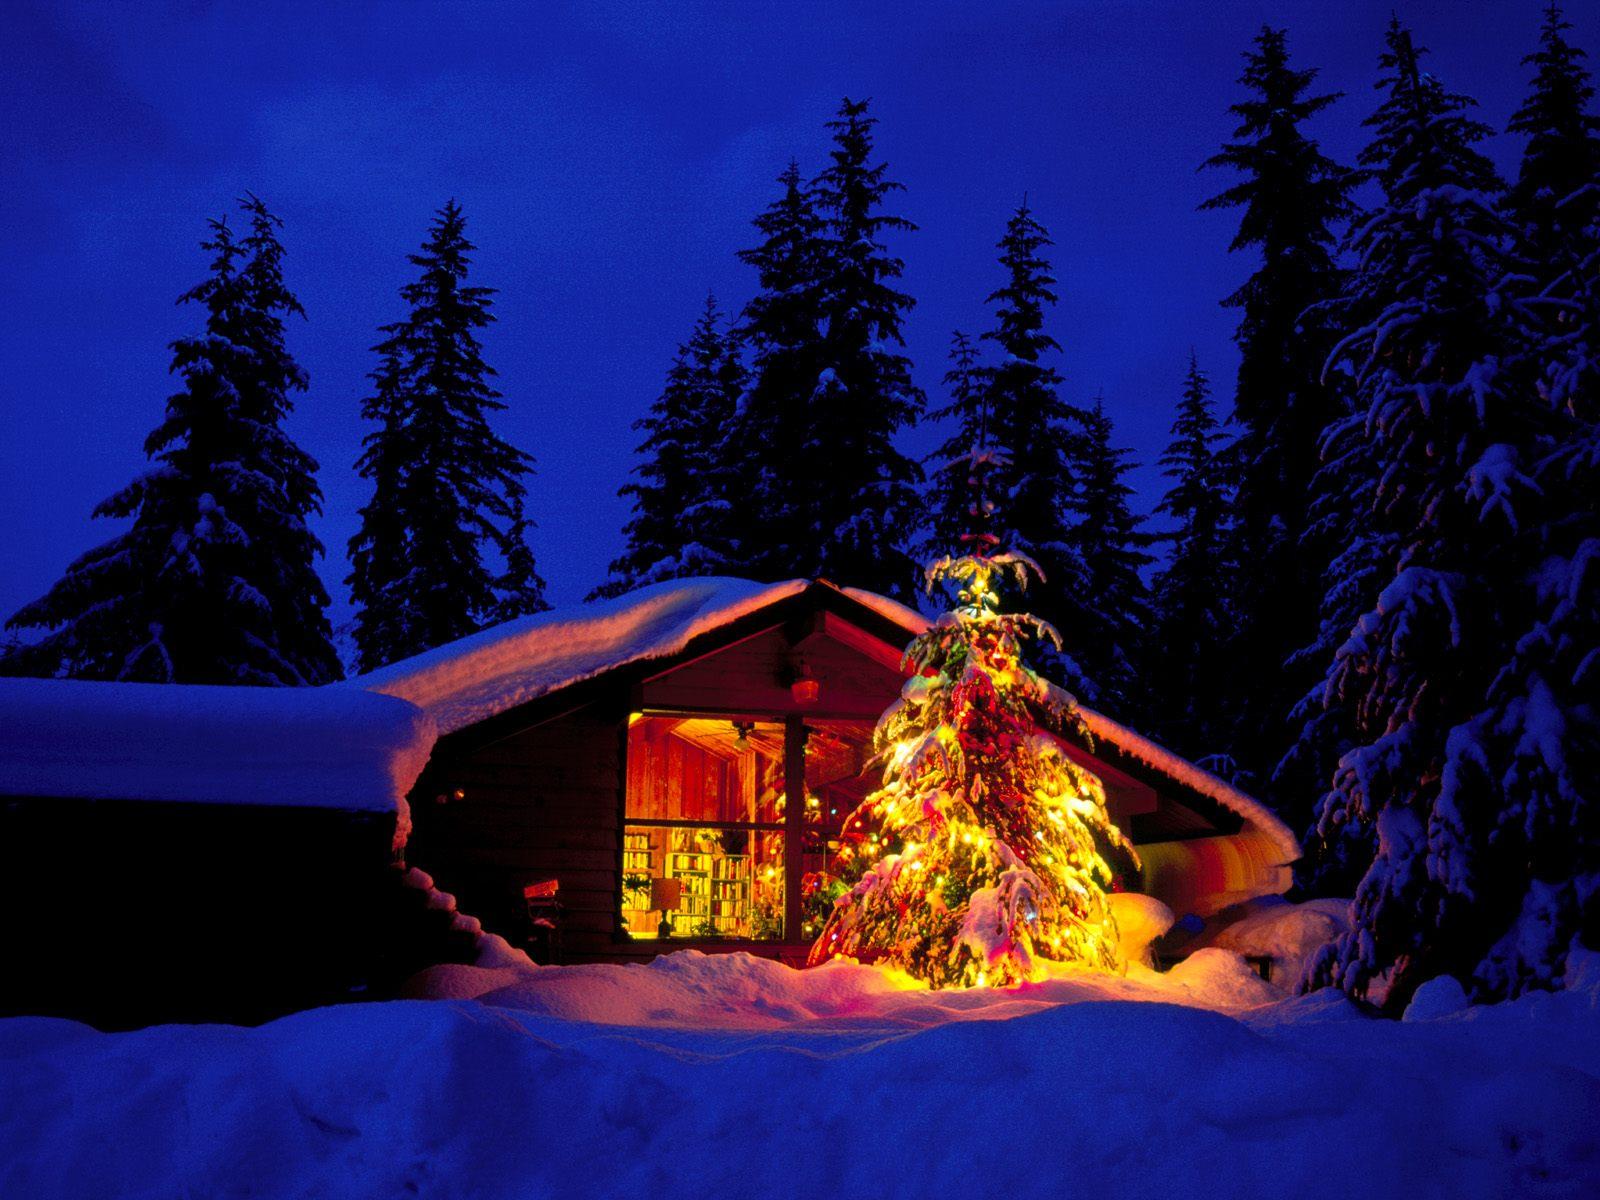 http://4.bp.blogspot.com/_e45GK4i1E8M/TRN3nqMc-iI/AAAAAAAACDs/v49wJAEBALg/s1600/christmas-wallpaper-23.jpg